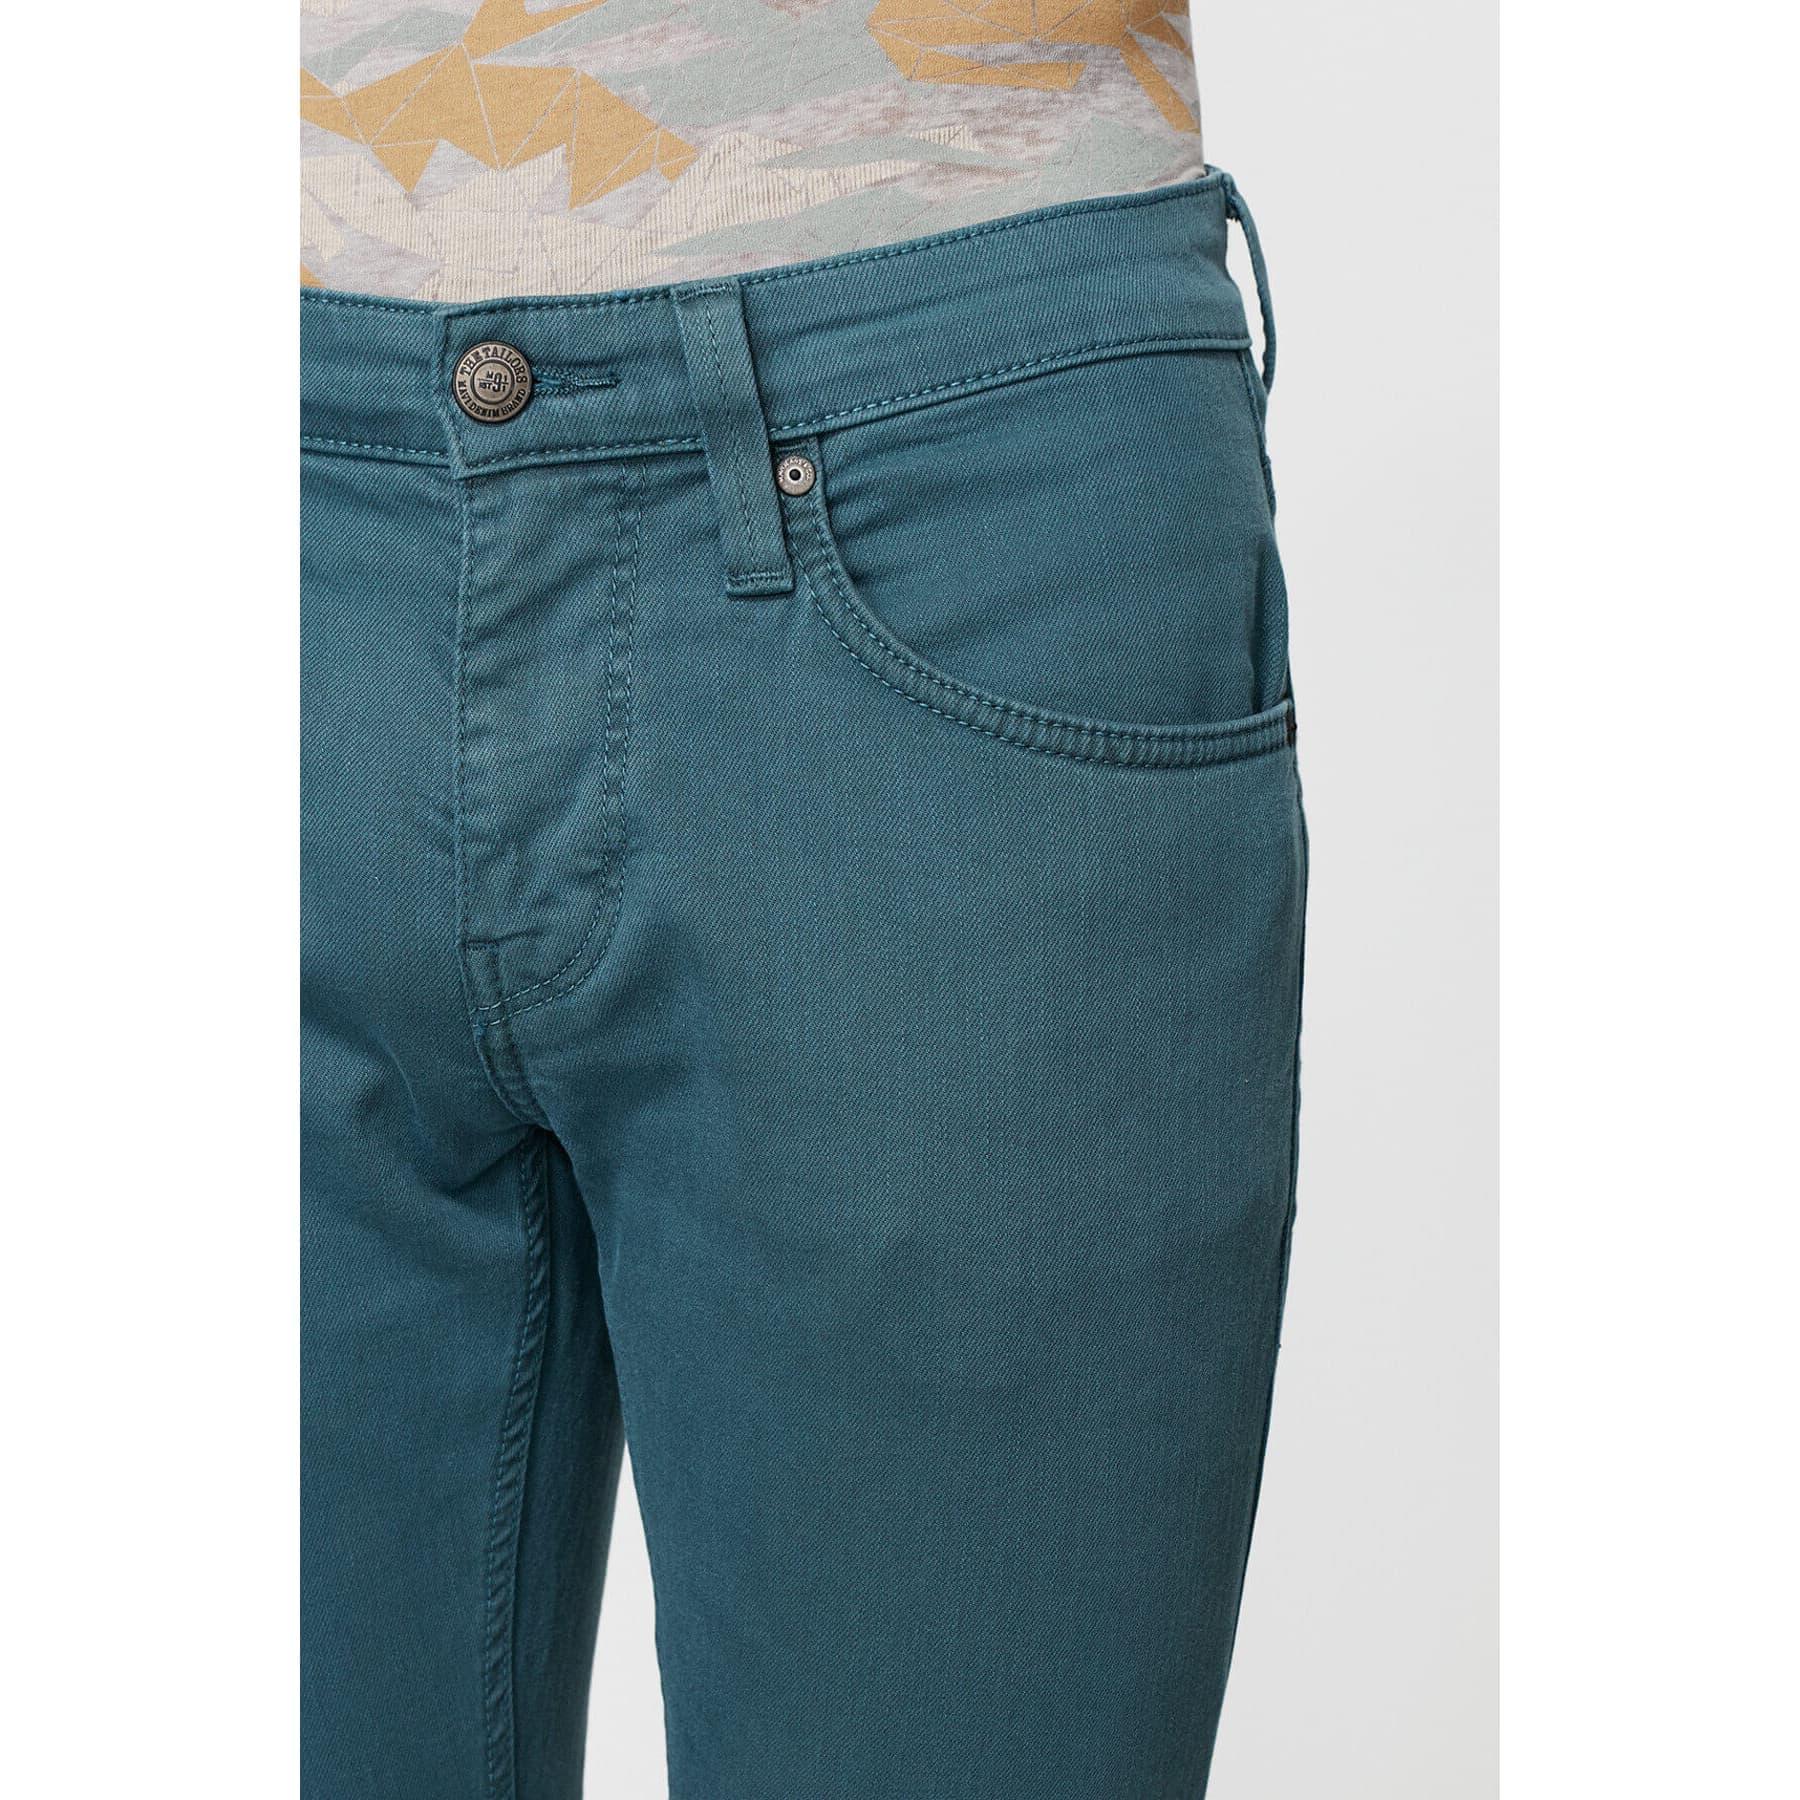 Mavi Jeans Jake Mavi Erkek Kot Pantolon